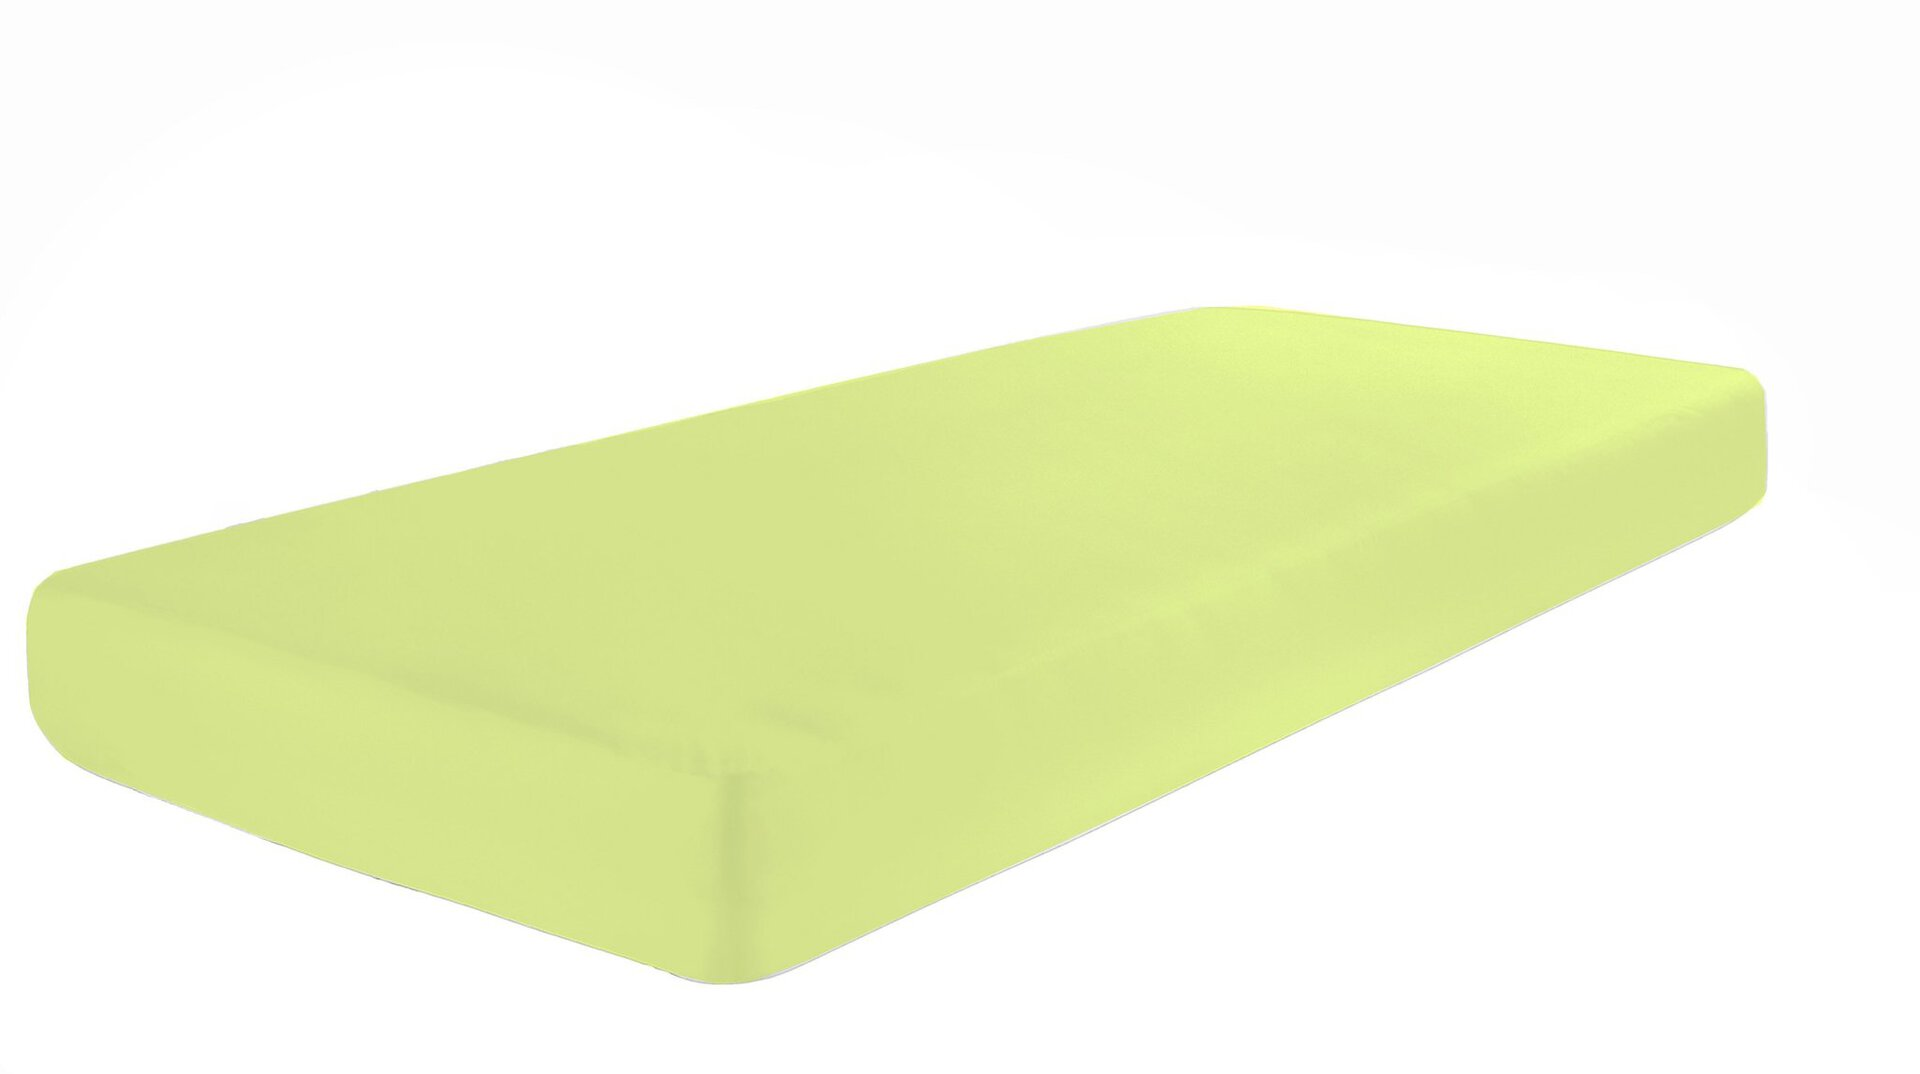 Jersey-Spannbetttuch Pro Night Textil grün 1 x 2 cm